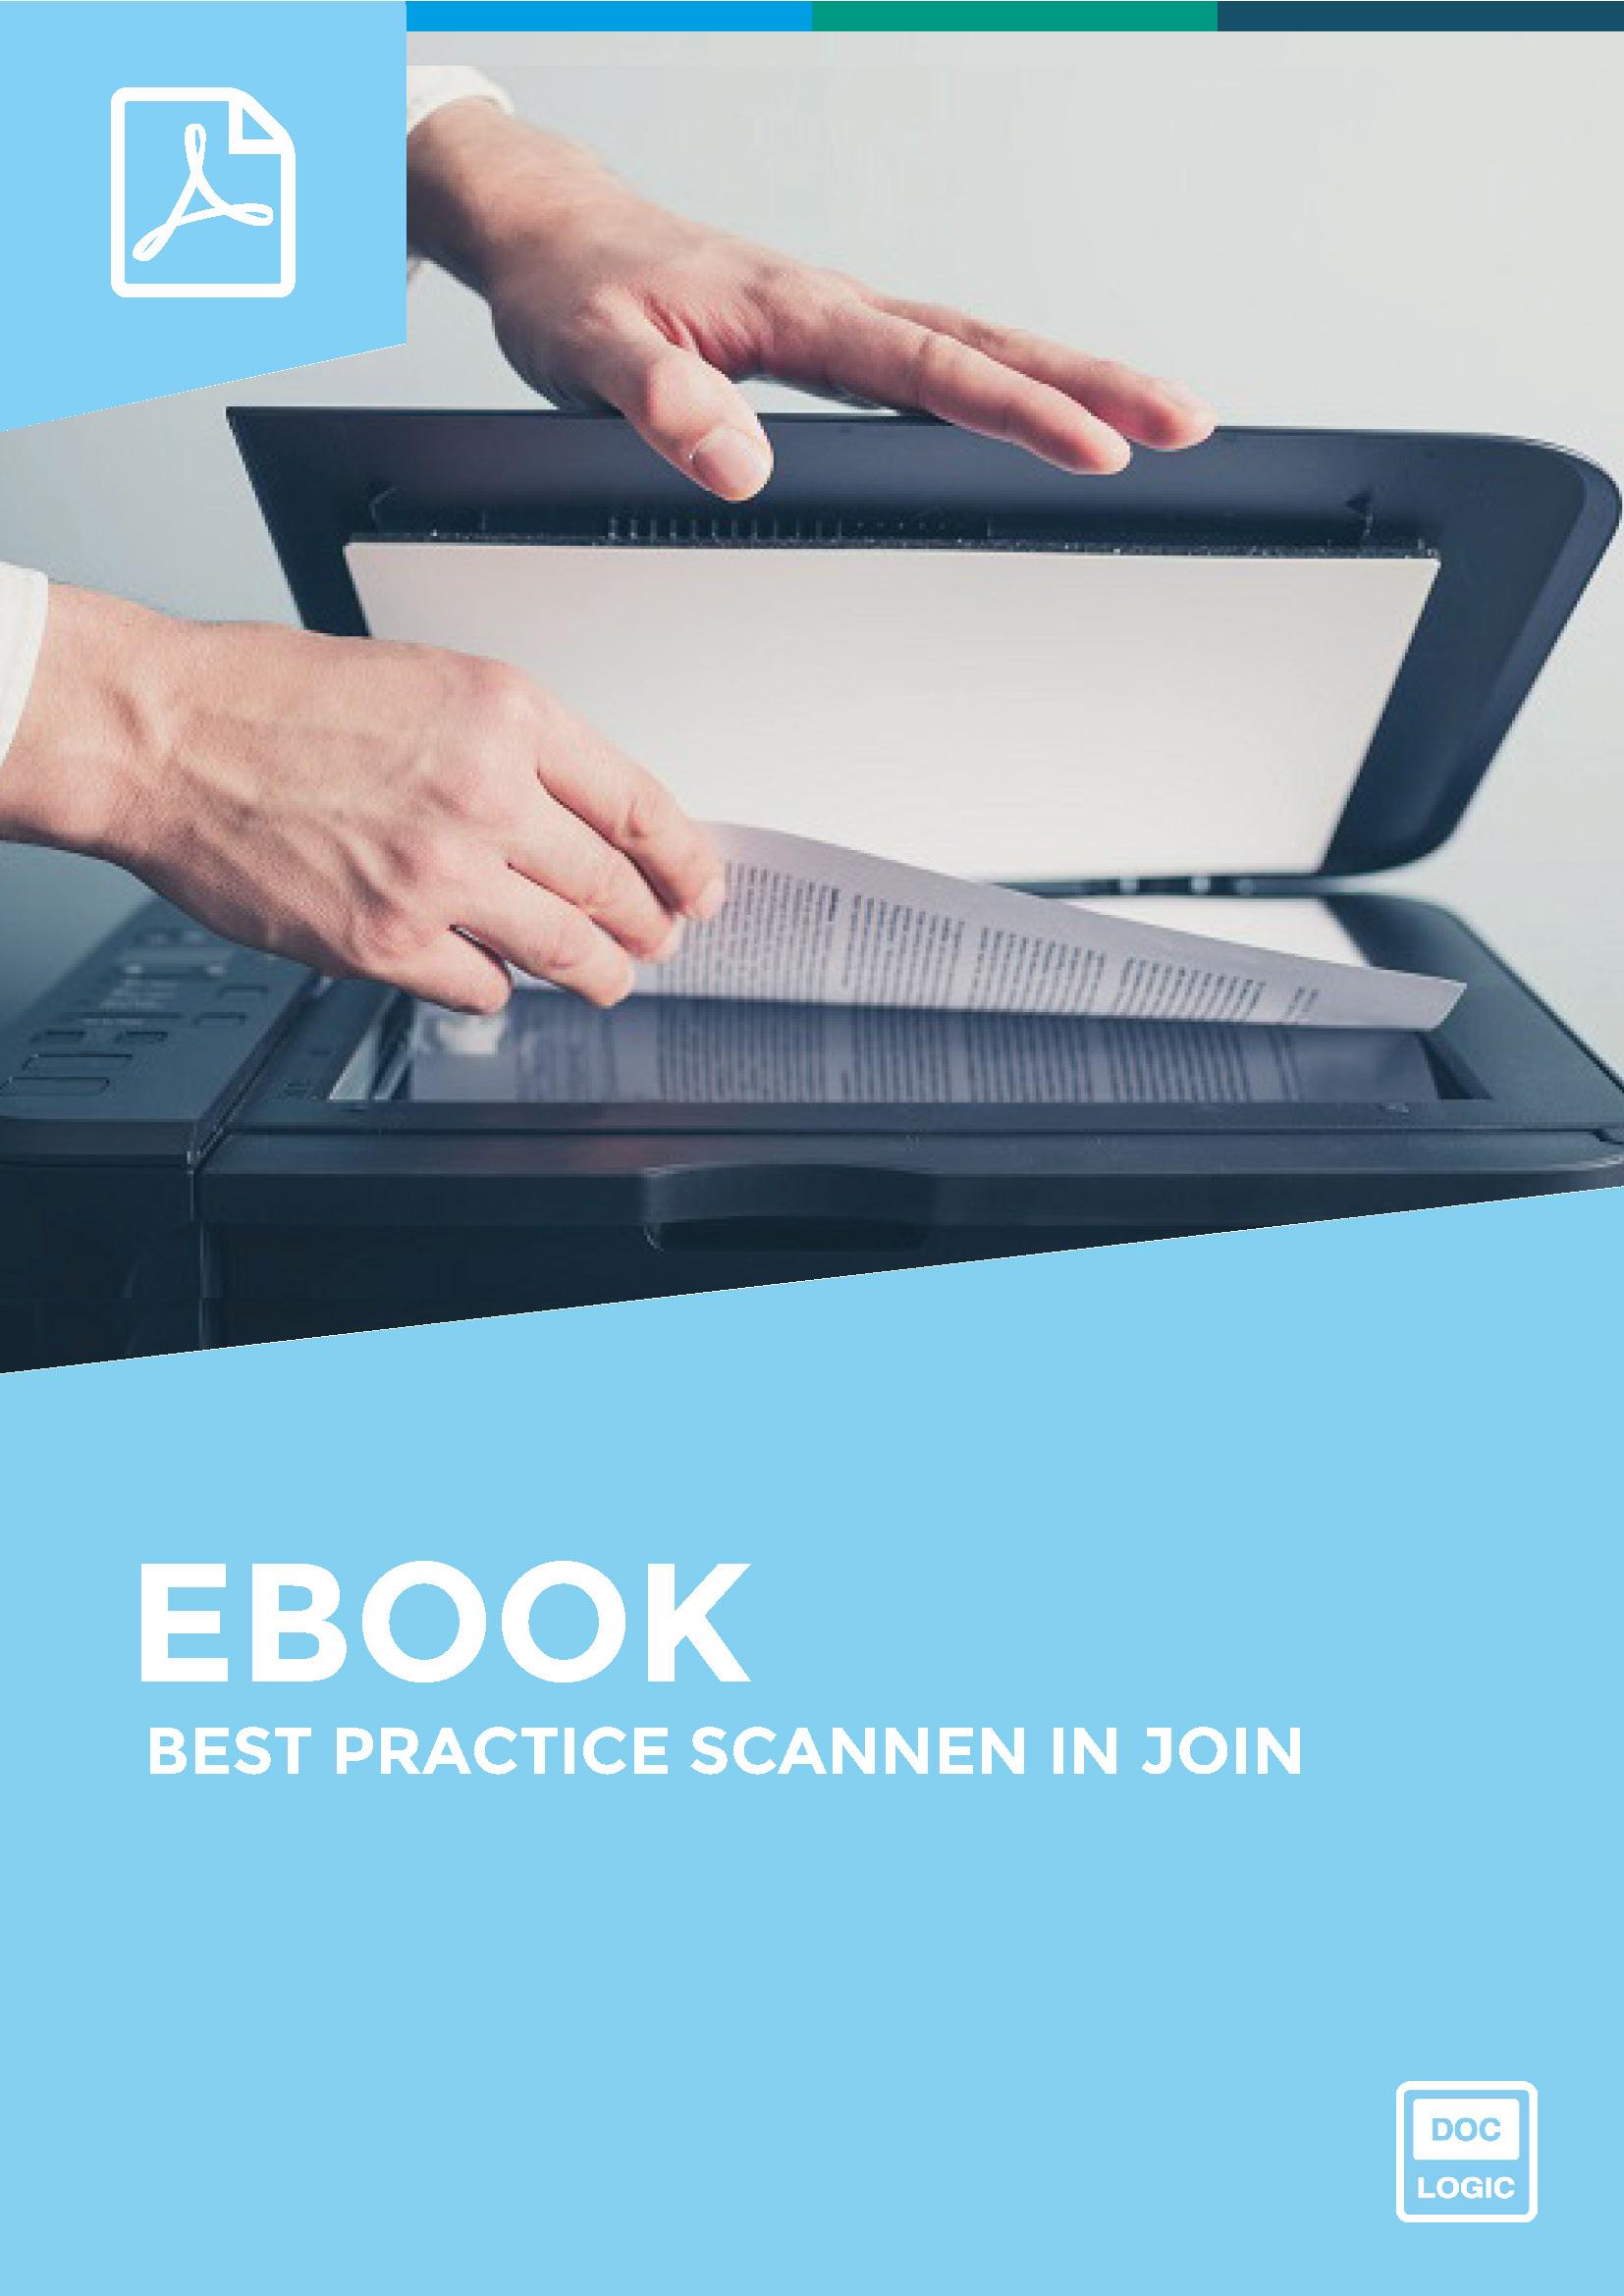 Ebook Best Practice scannen in JOIN